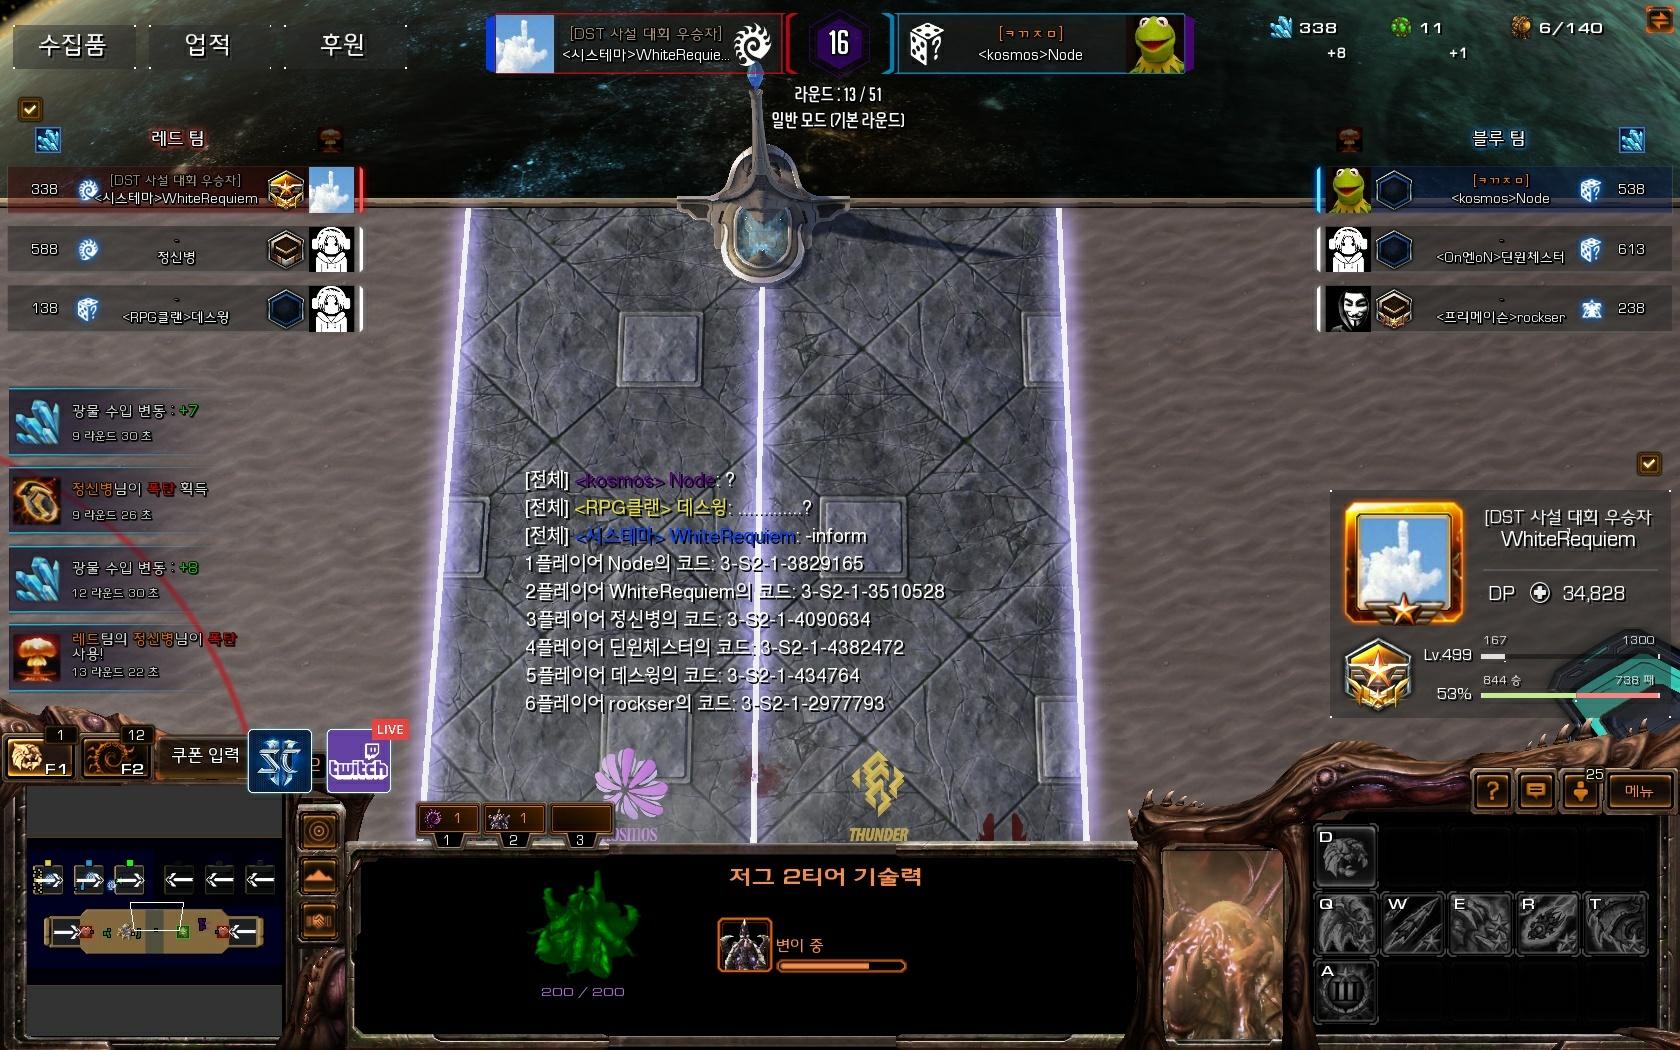 Screenshot2019-12-21 14_39_03.jpg